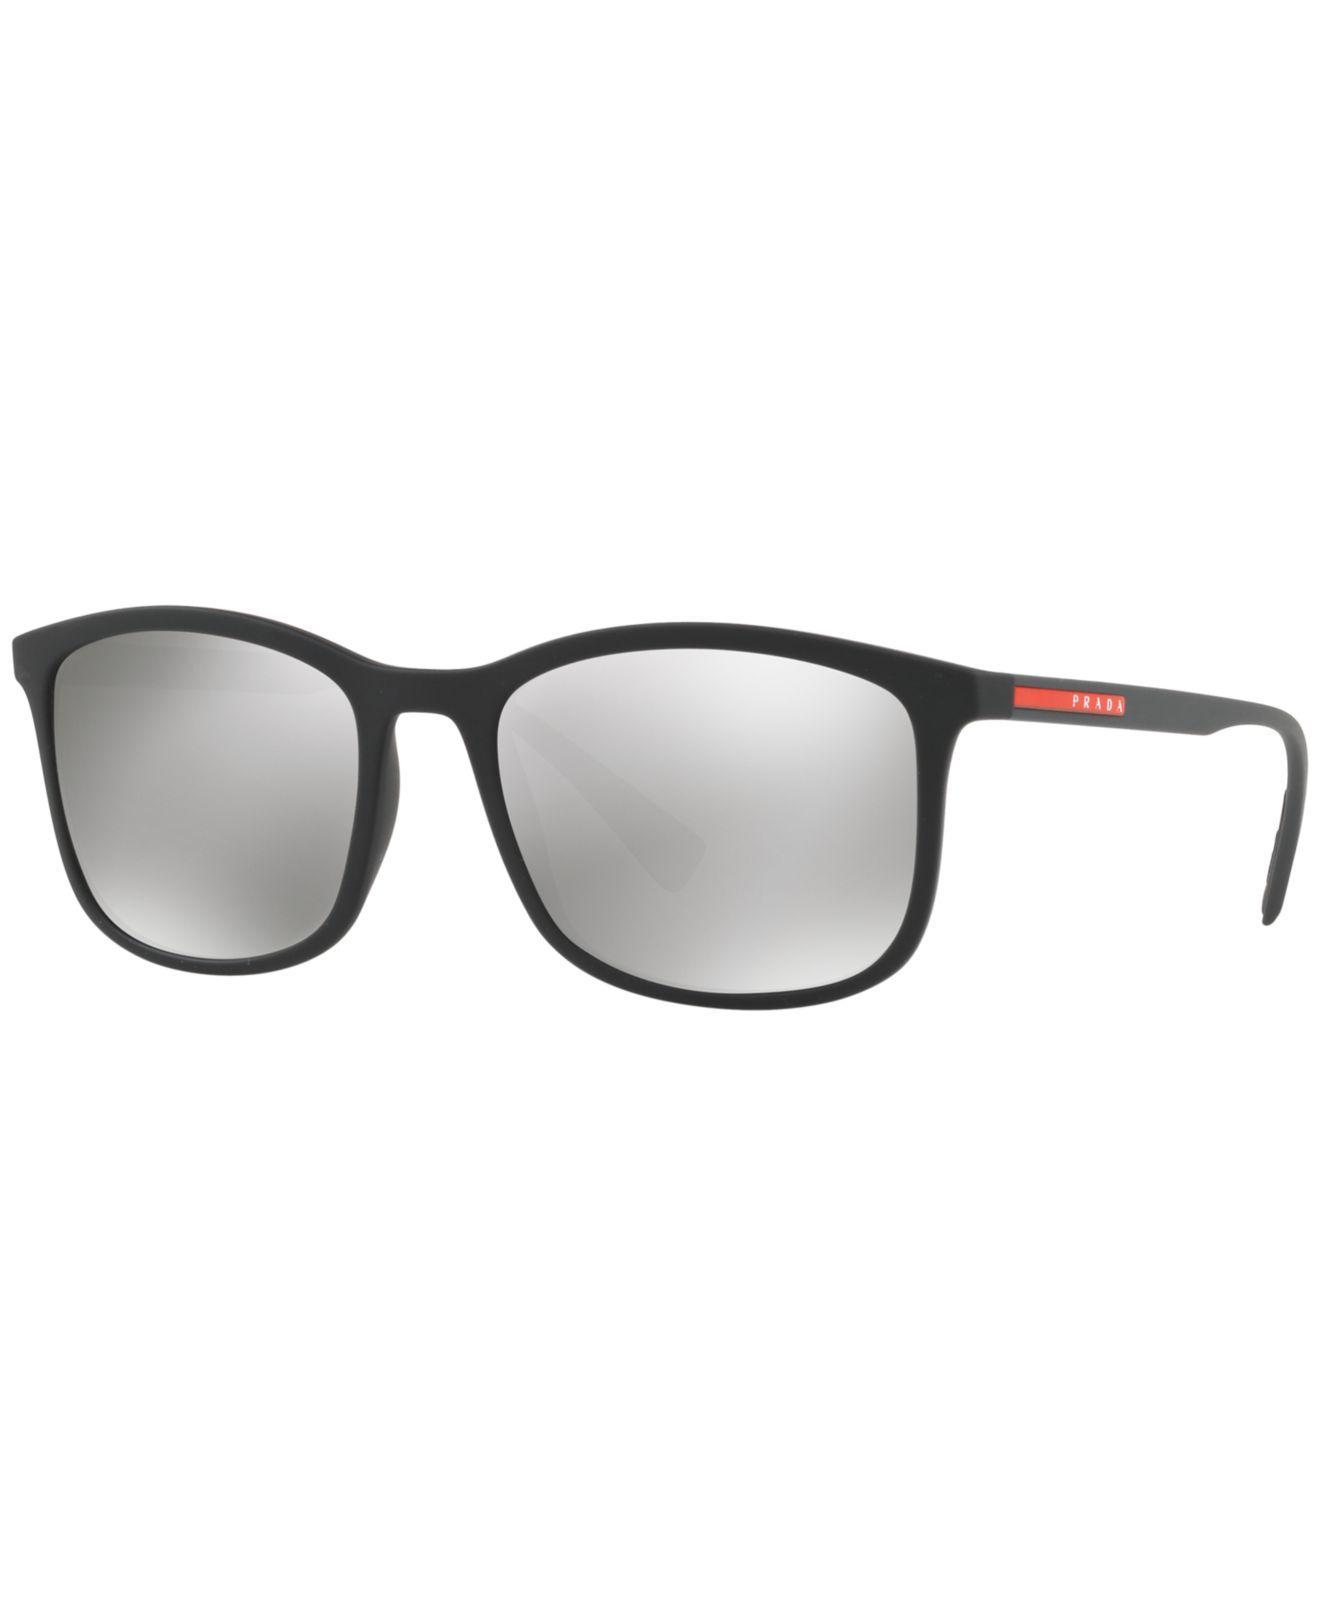 b151a58bde1d Prada - Black Sunglasses